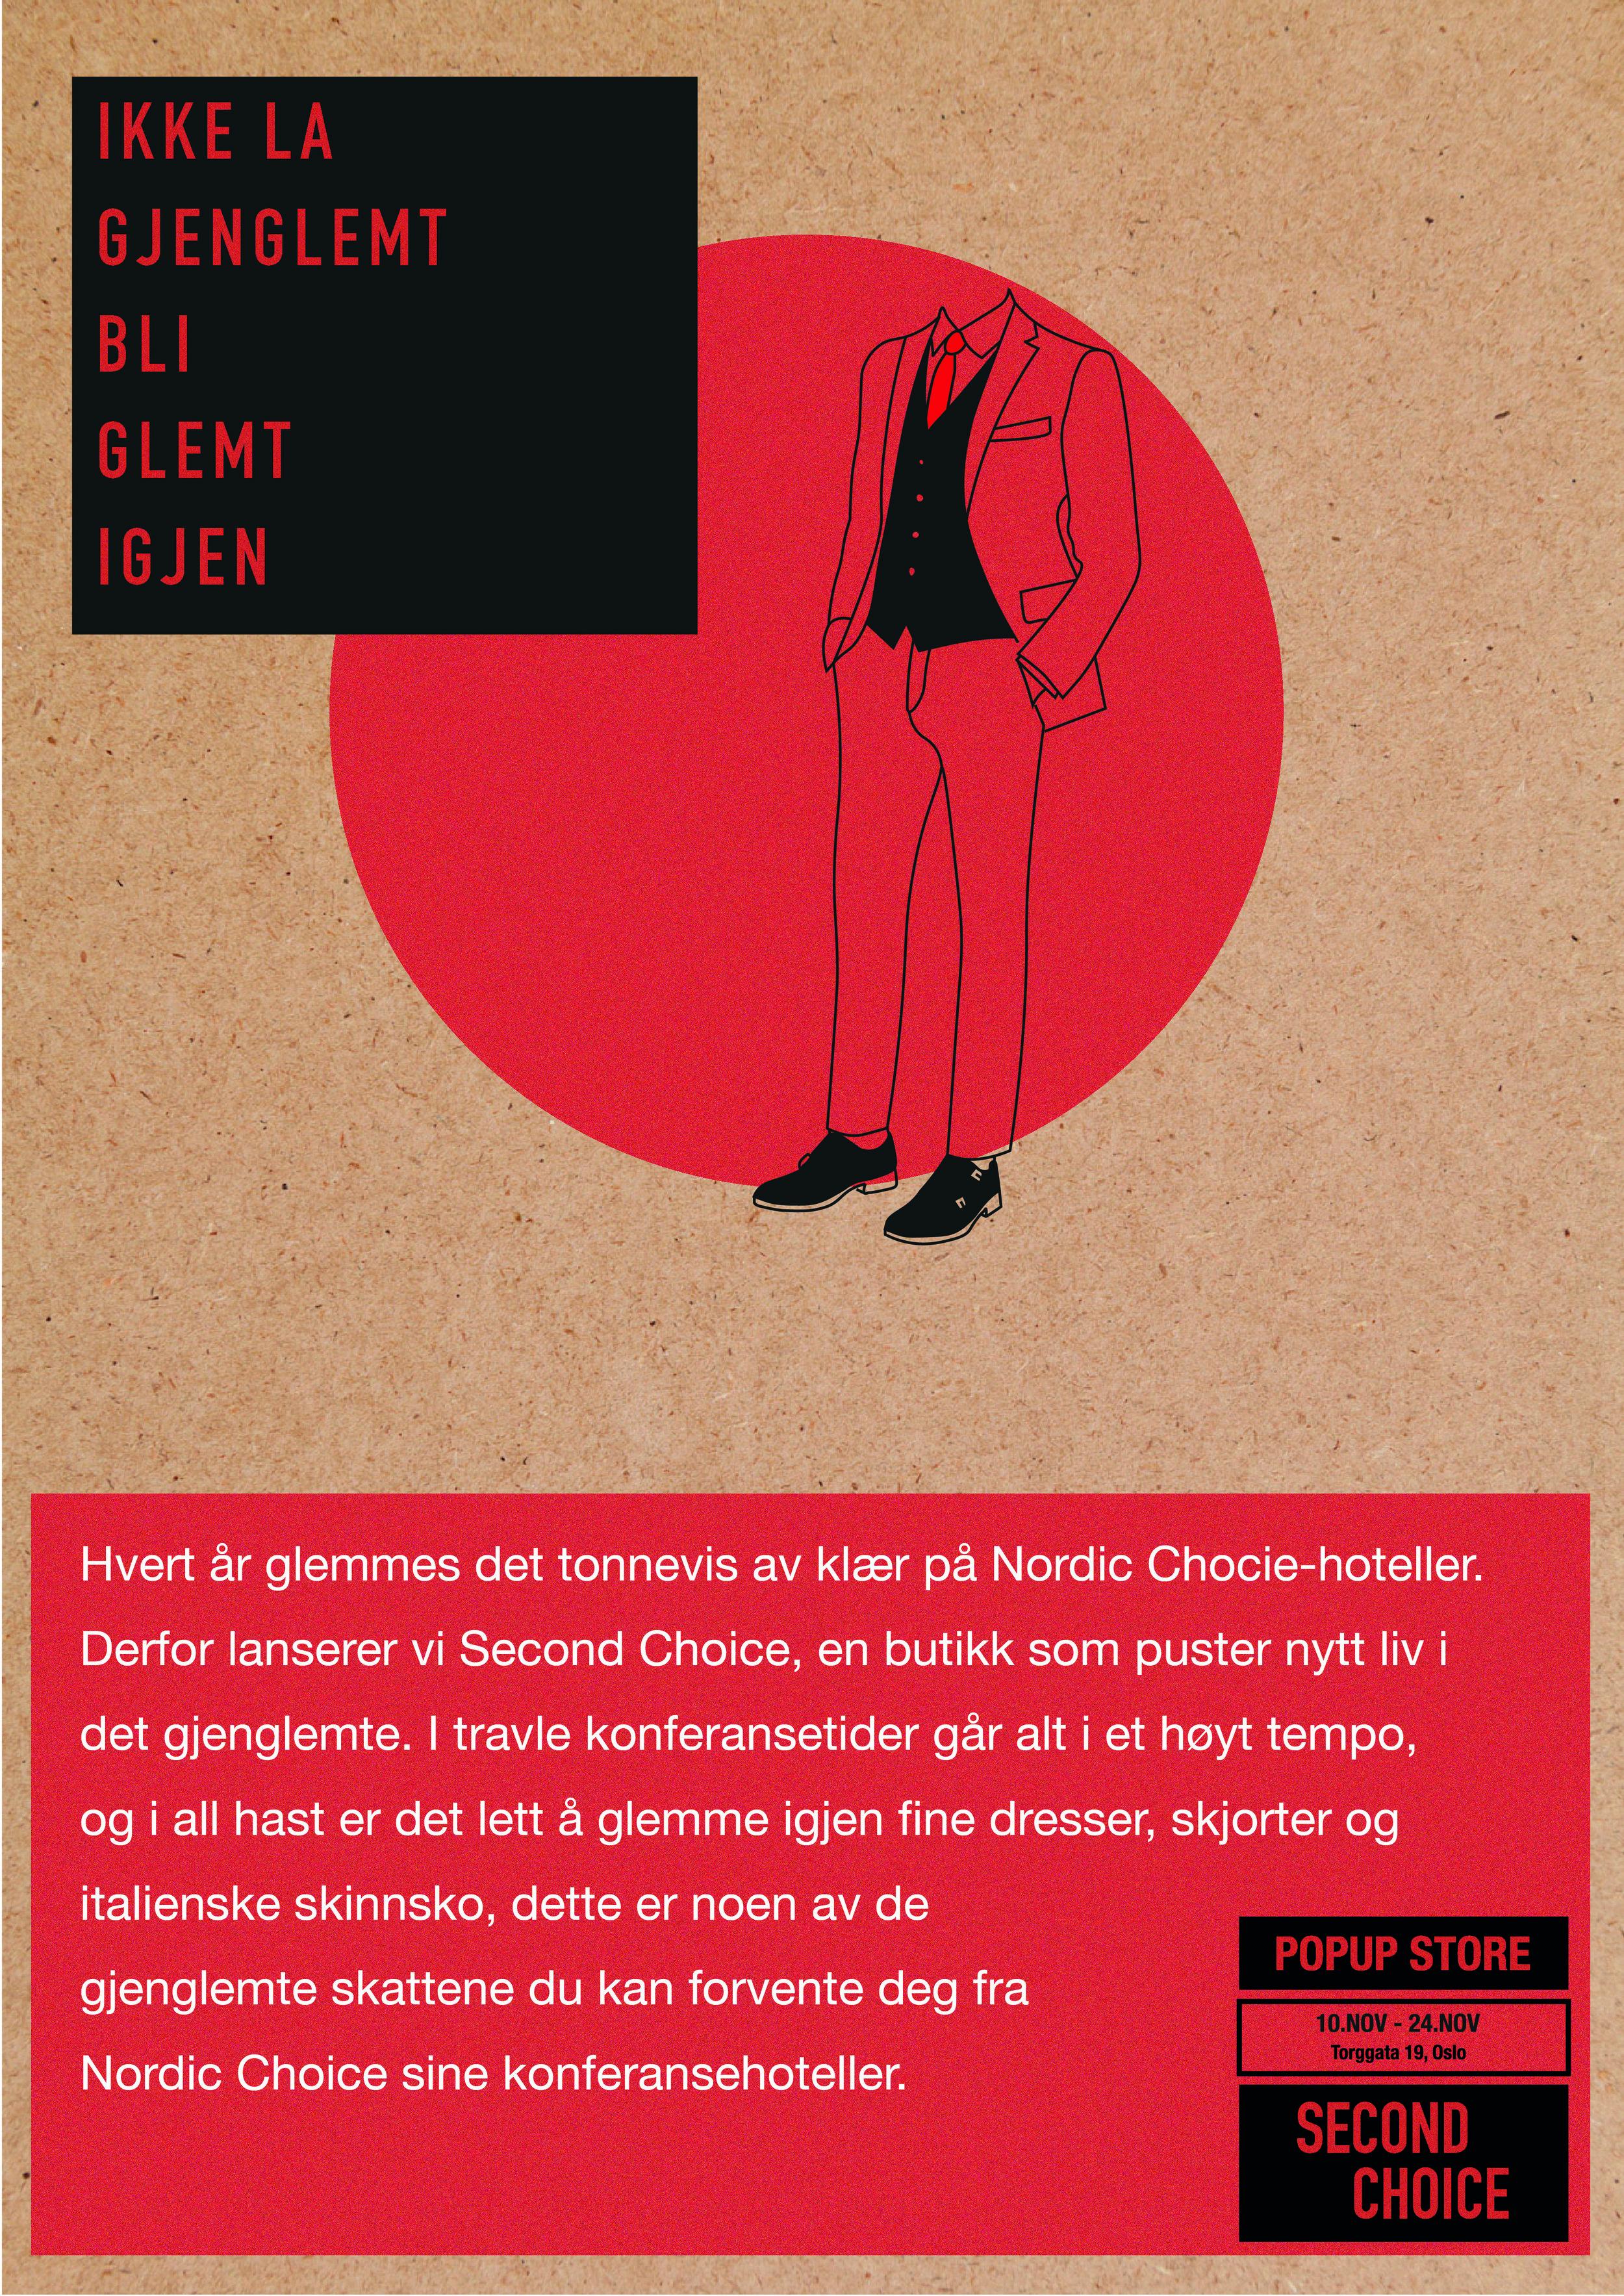 Nordic Choice Ferdig-02.jpg